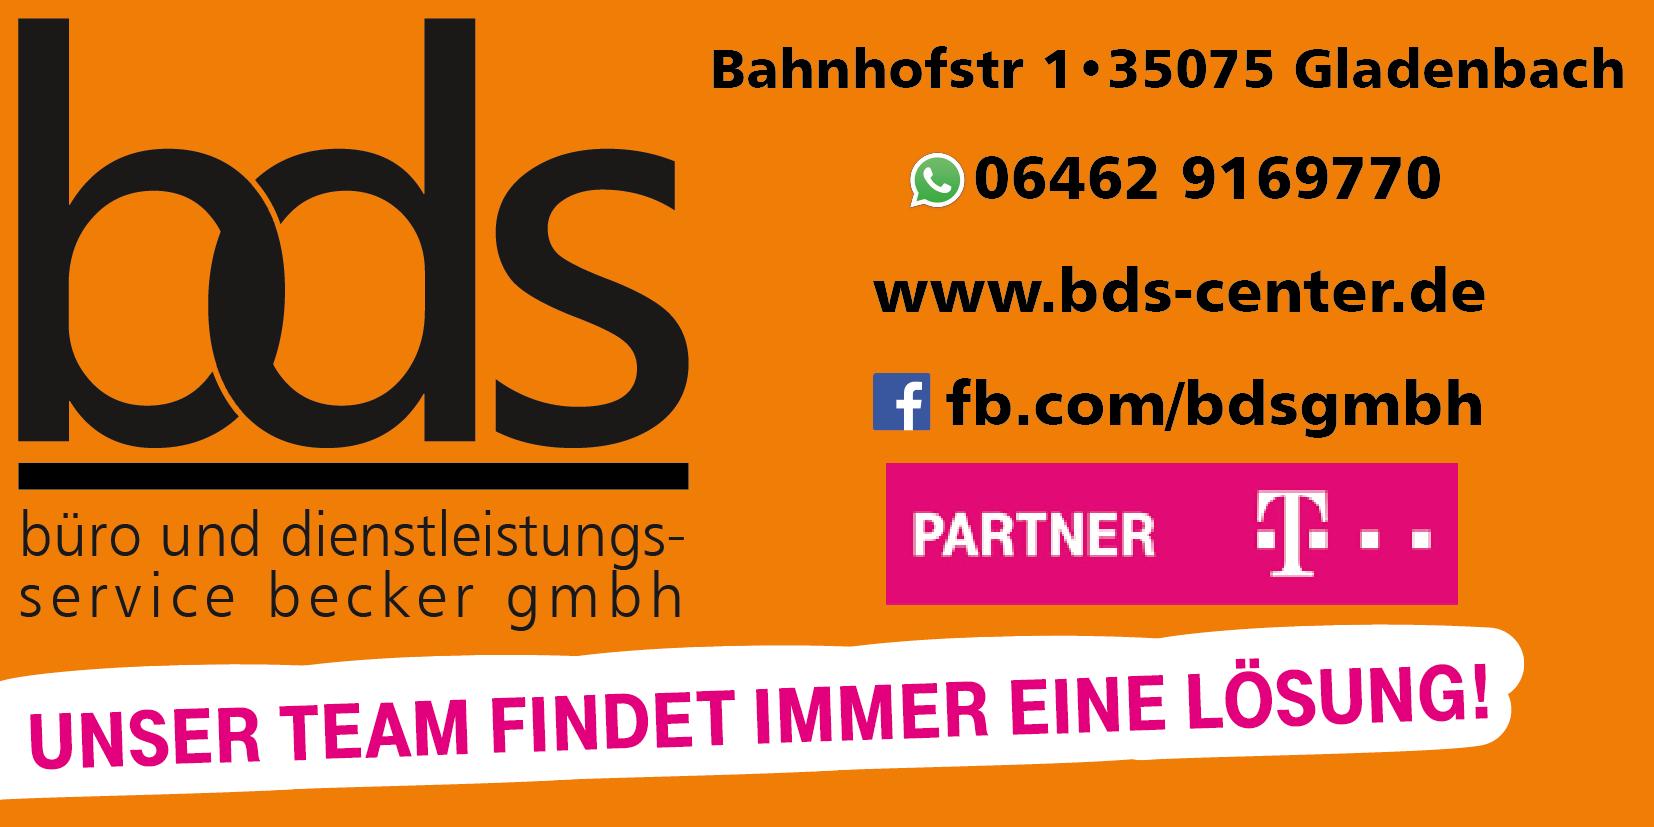 2020-06-27_5ef700bfaca18_biedenkopf-online_Zeichenflche1